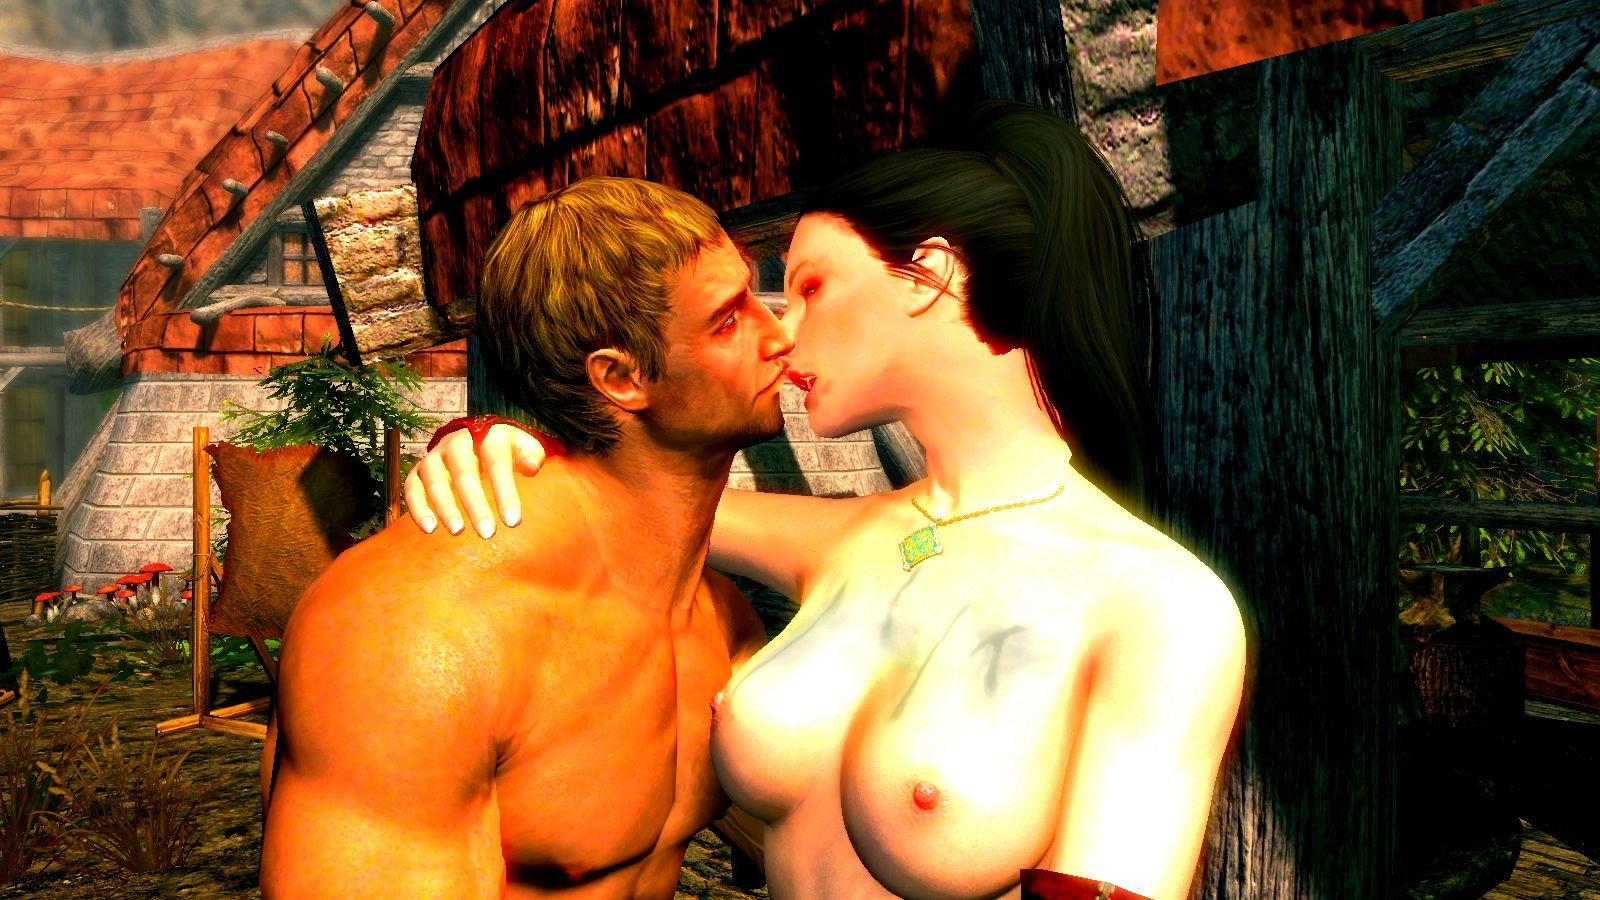 Поцелуй кузнеца и будет тебе скидка! ;)